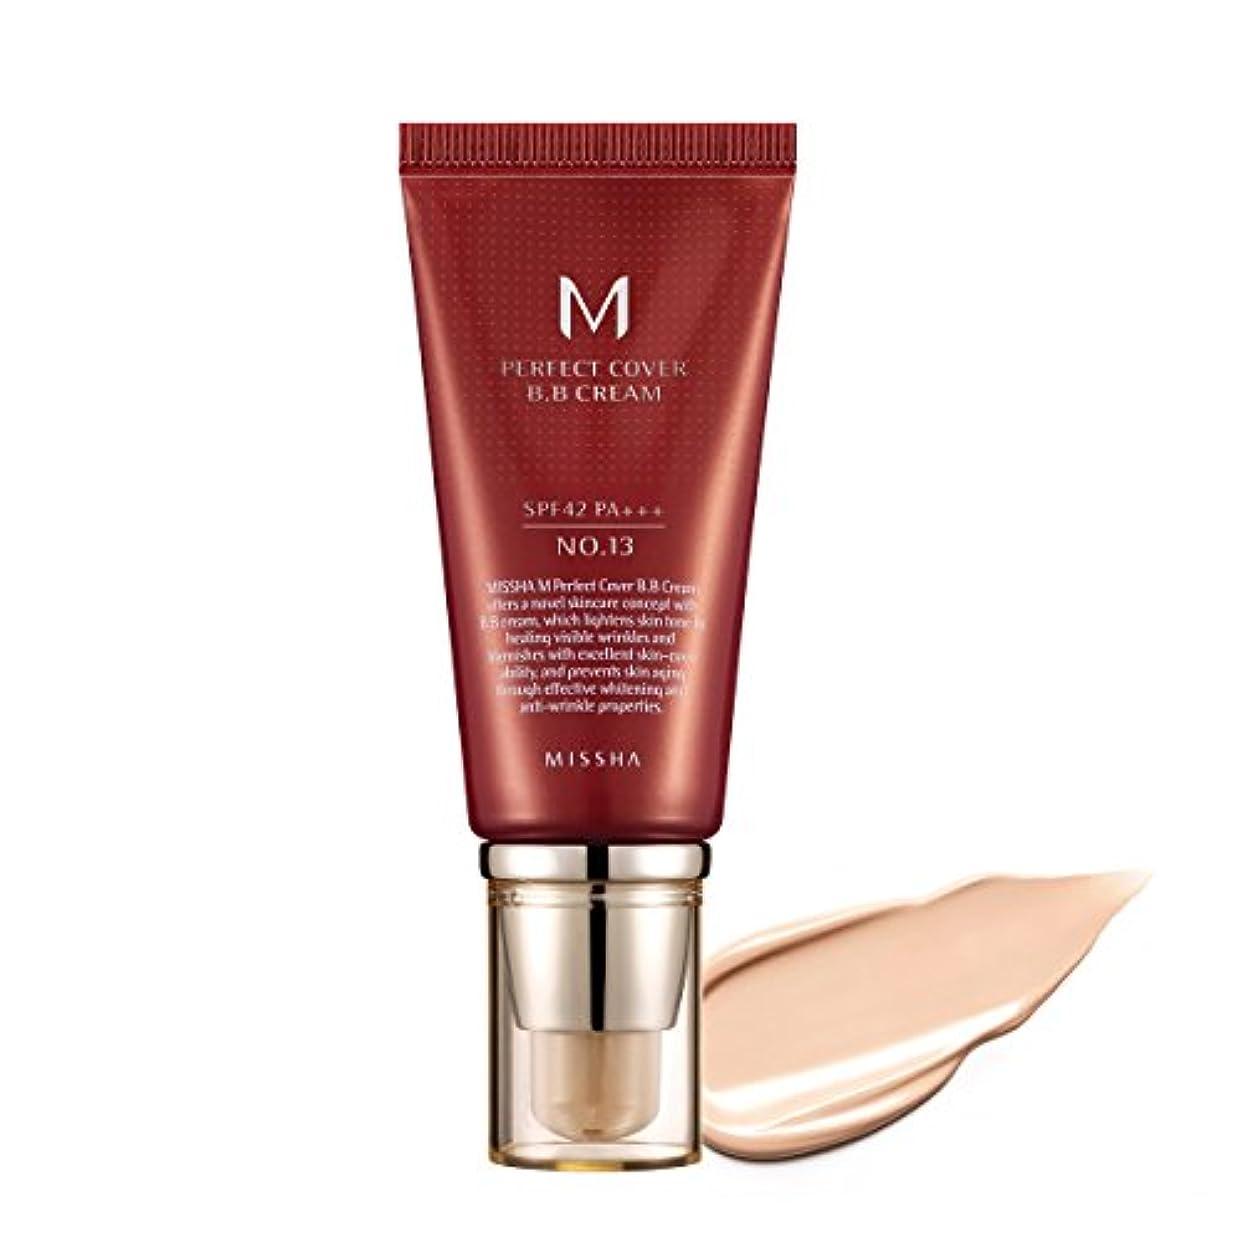 控えめな備品すなわちMISSHA M Perfect Covering BB Cream SPF42 PA+++ No. 13 Bright Beige